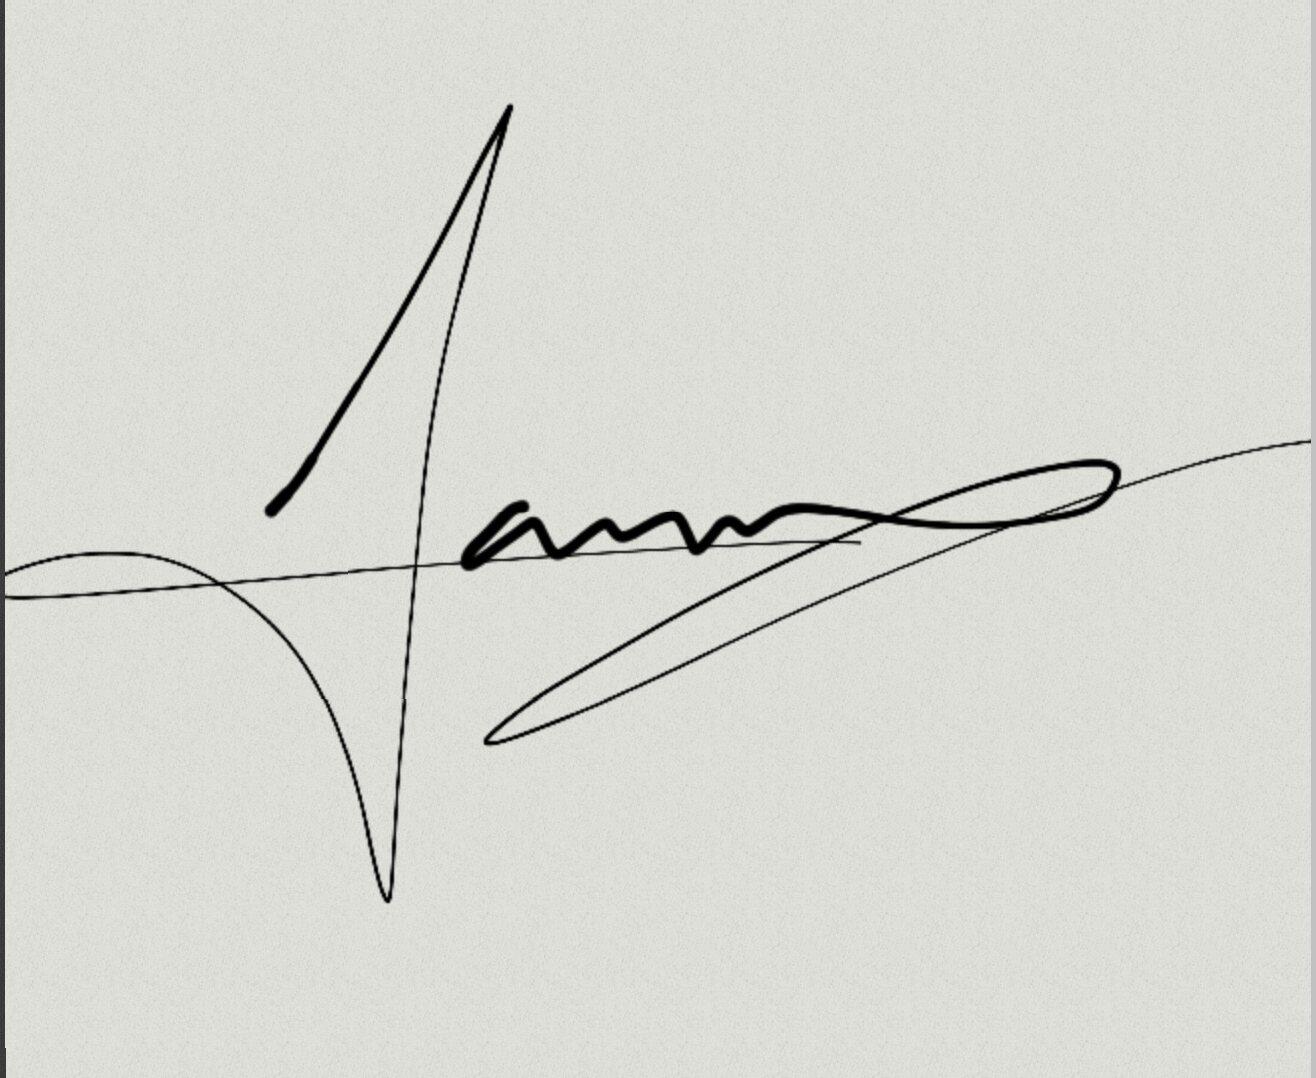 Luna Garcia's Signature